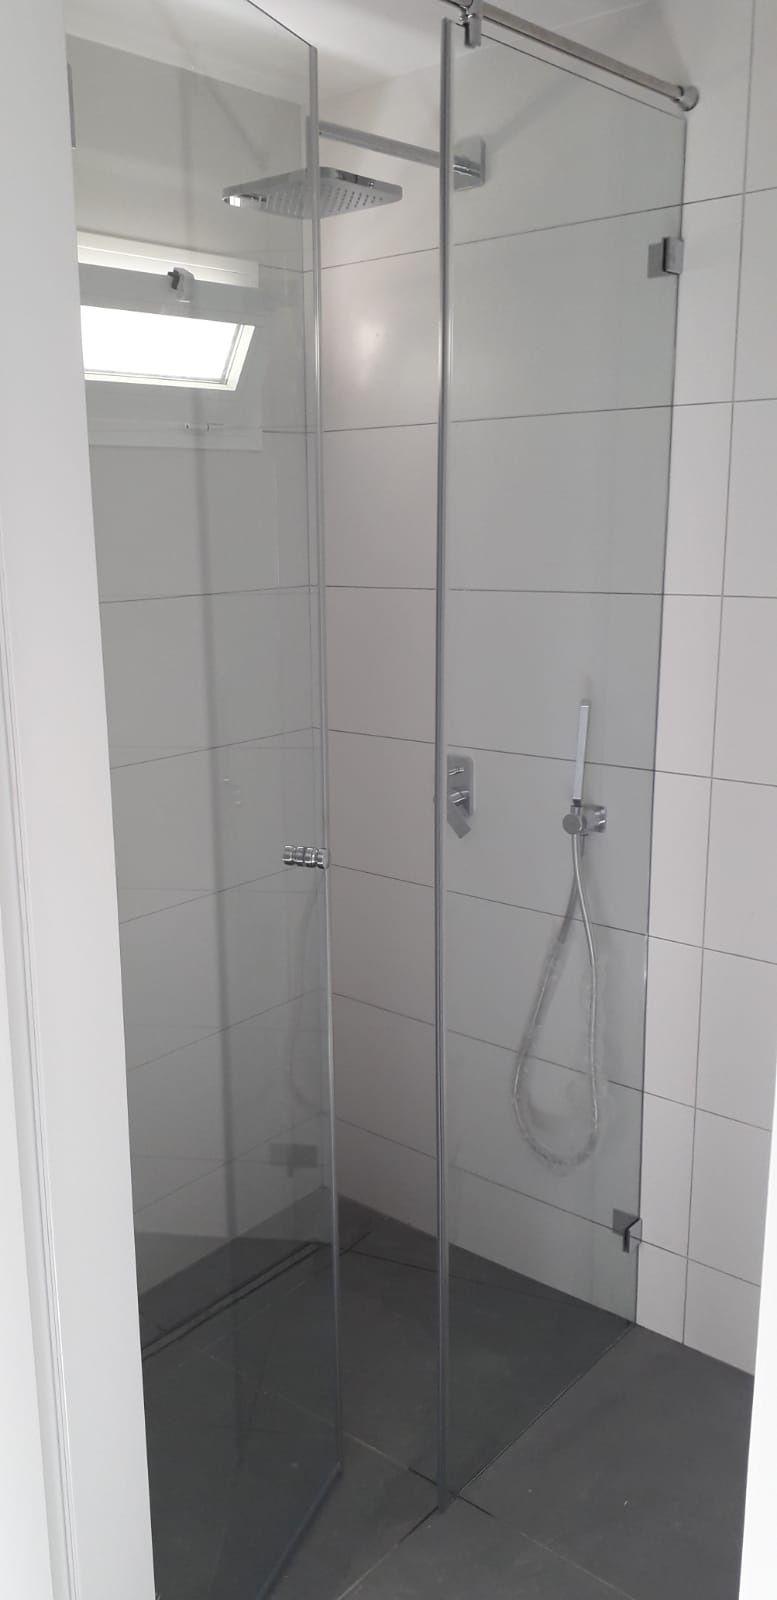 Mampara de ducha minimalista en vidrio templado de alta ...